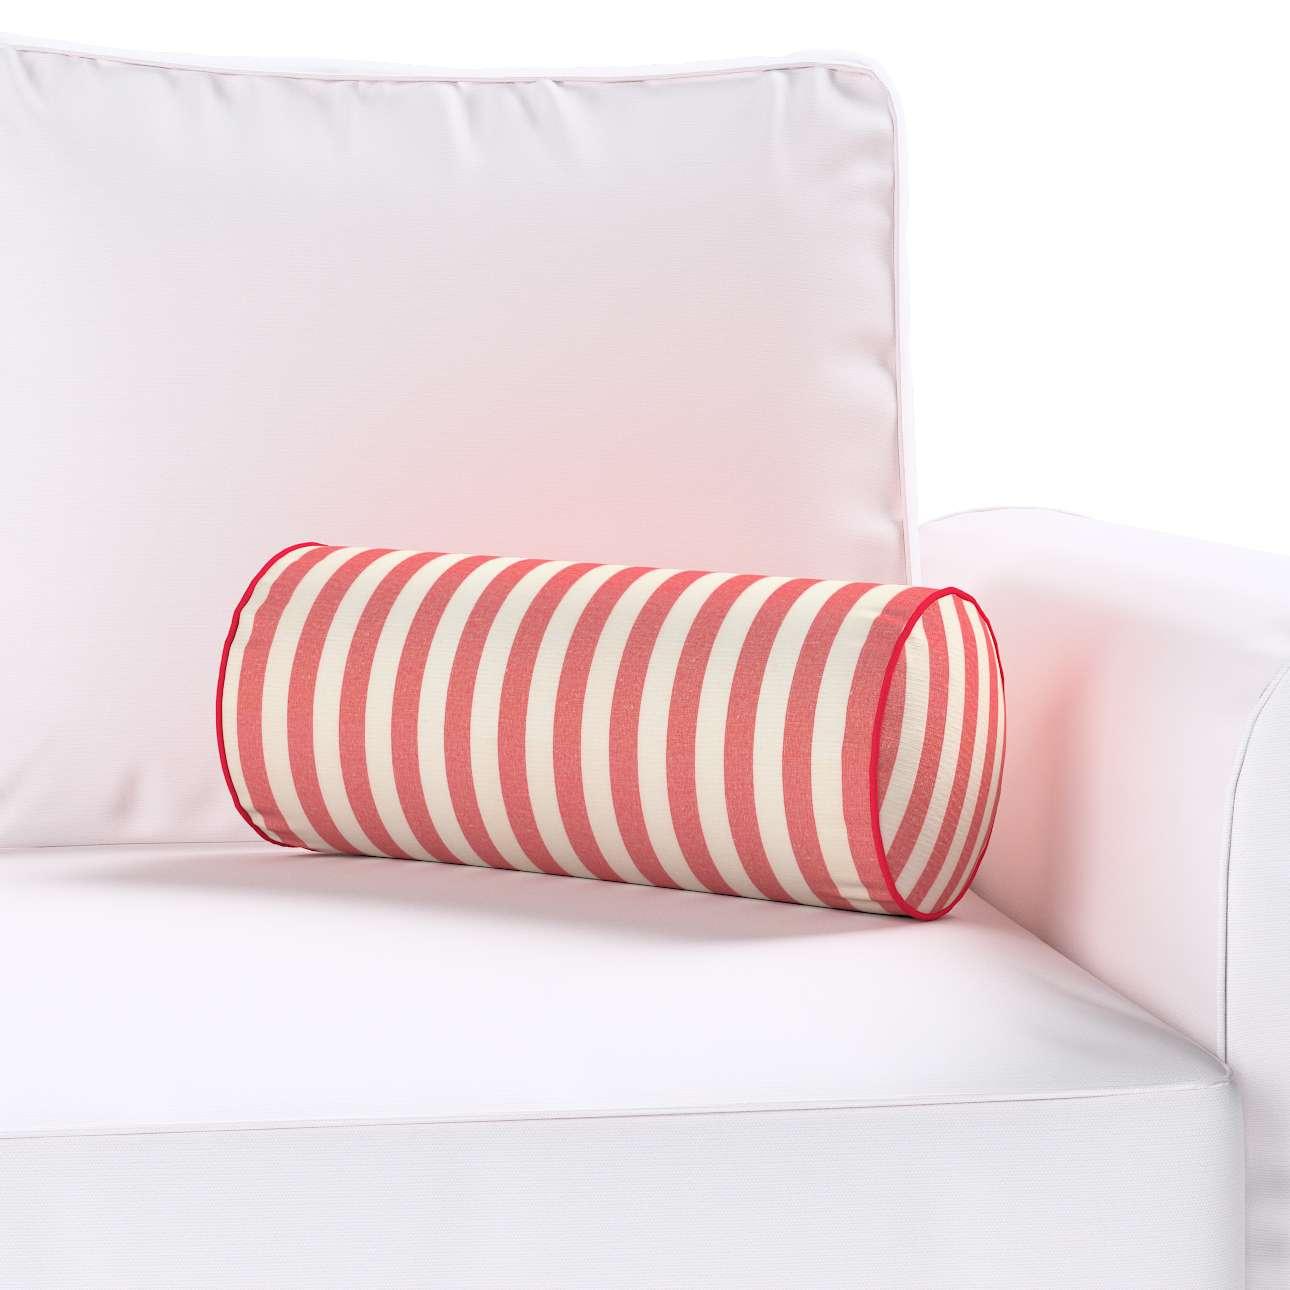 Poduszka wałek prosty Ø 16 x 40 cm w kolekcji Quadro, tkanina: 136-17